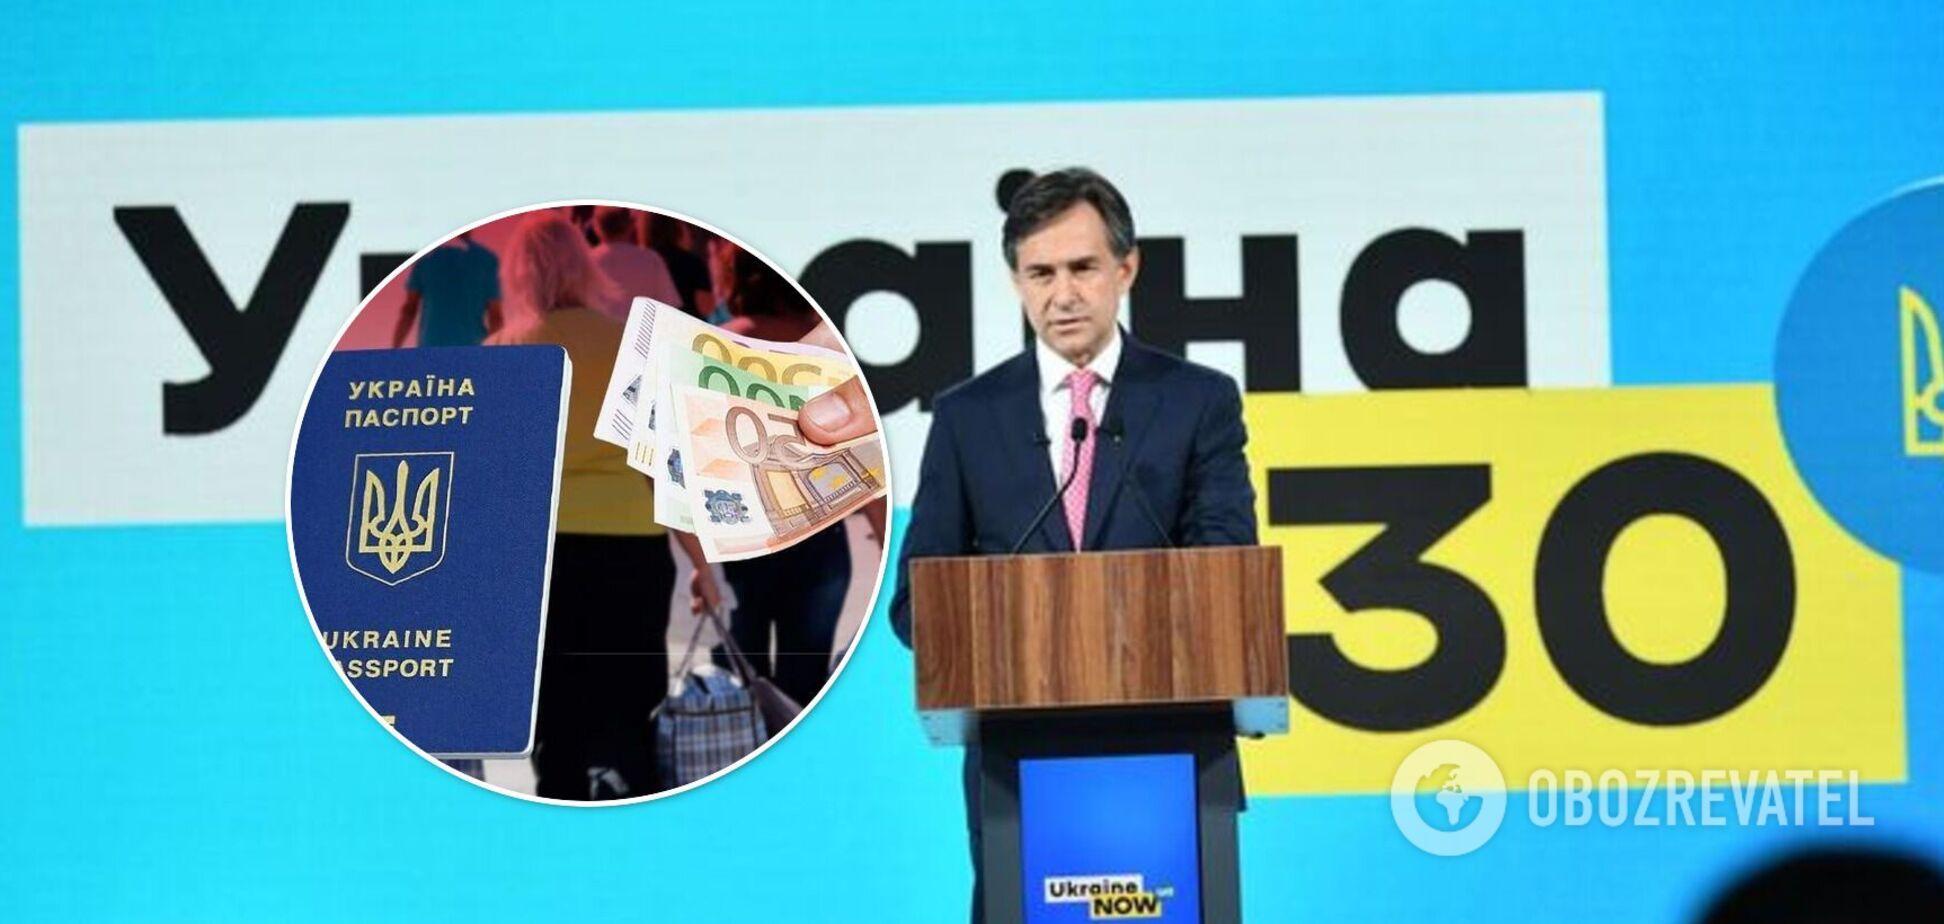 Любченко назвал средний возраст украинских заробитчан и сколько граждан ежегодно уезжает за рубеж